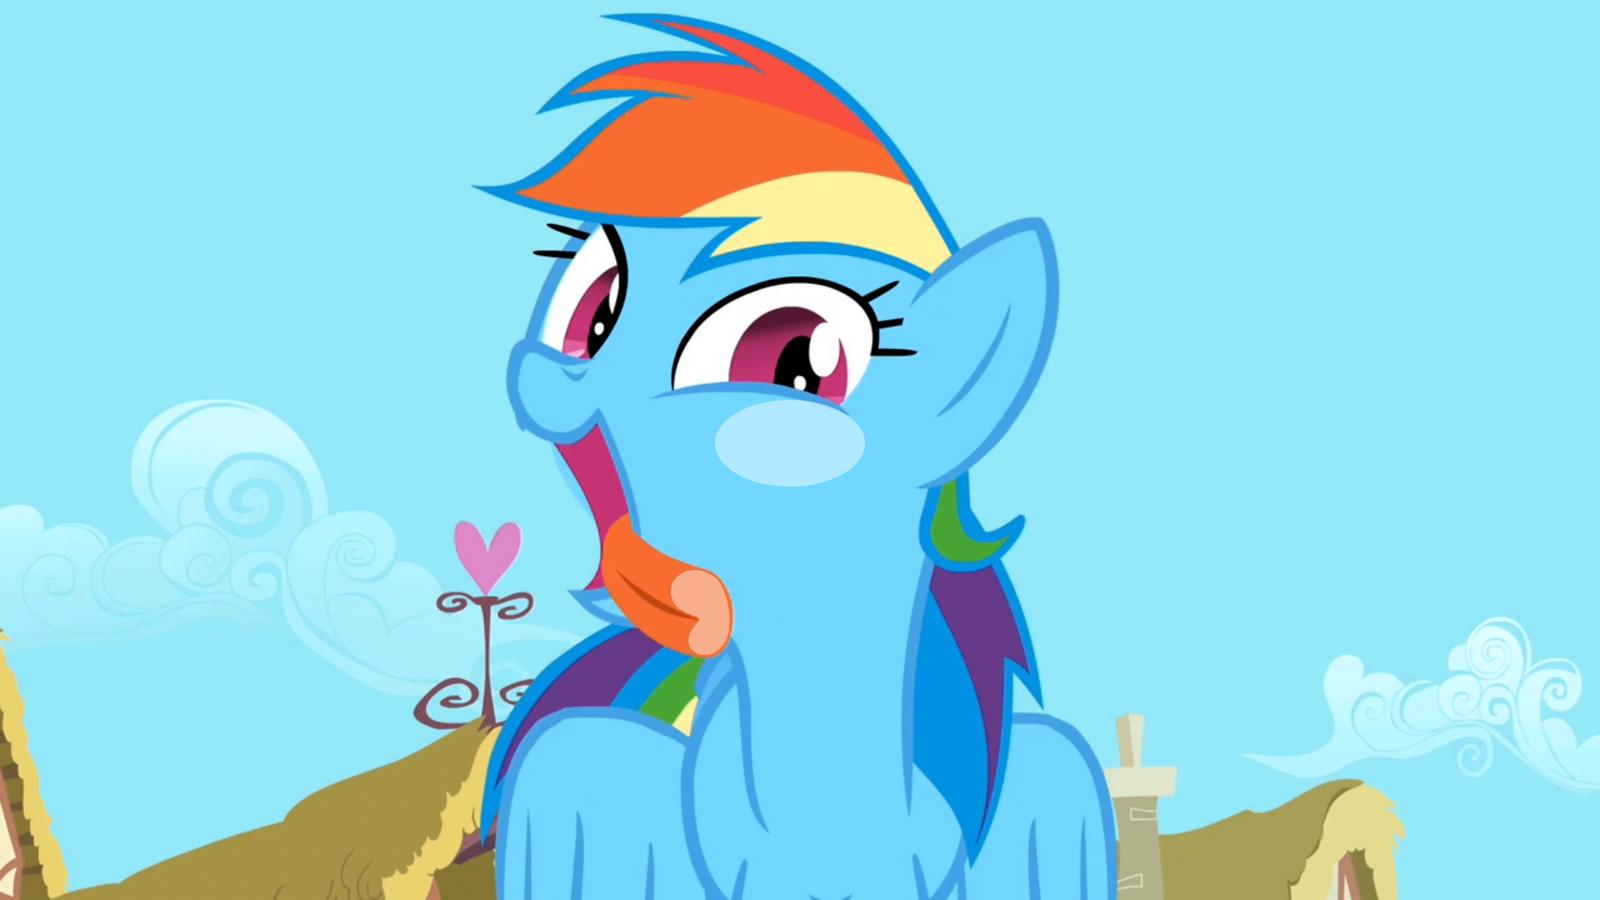 http://4.bp.blogspot.com/-PeNbVwxKSuM/TwbTEoFn07I/AAAAAAAAAaM/IMBuacAK9o4/s1600/5475_lick_rainbow_dash_screen_wallpaper.png